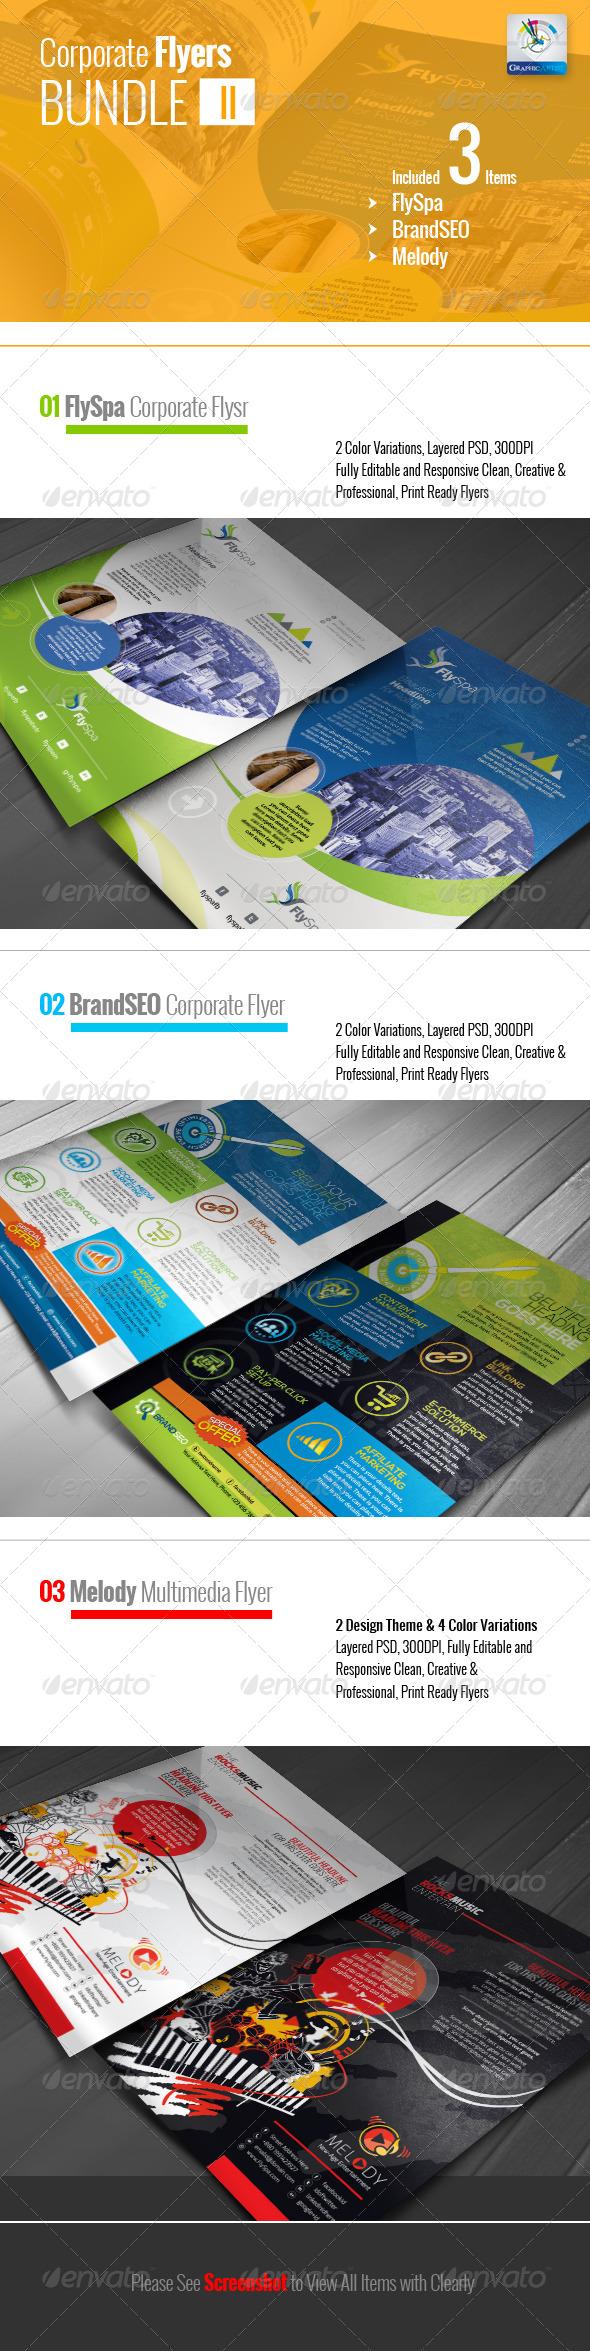 Corporate Flyer Bundle II